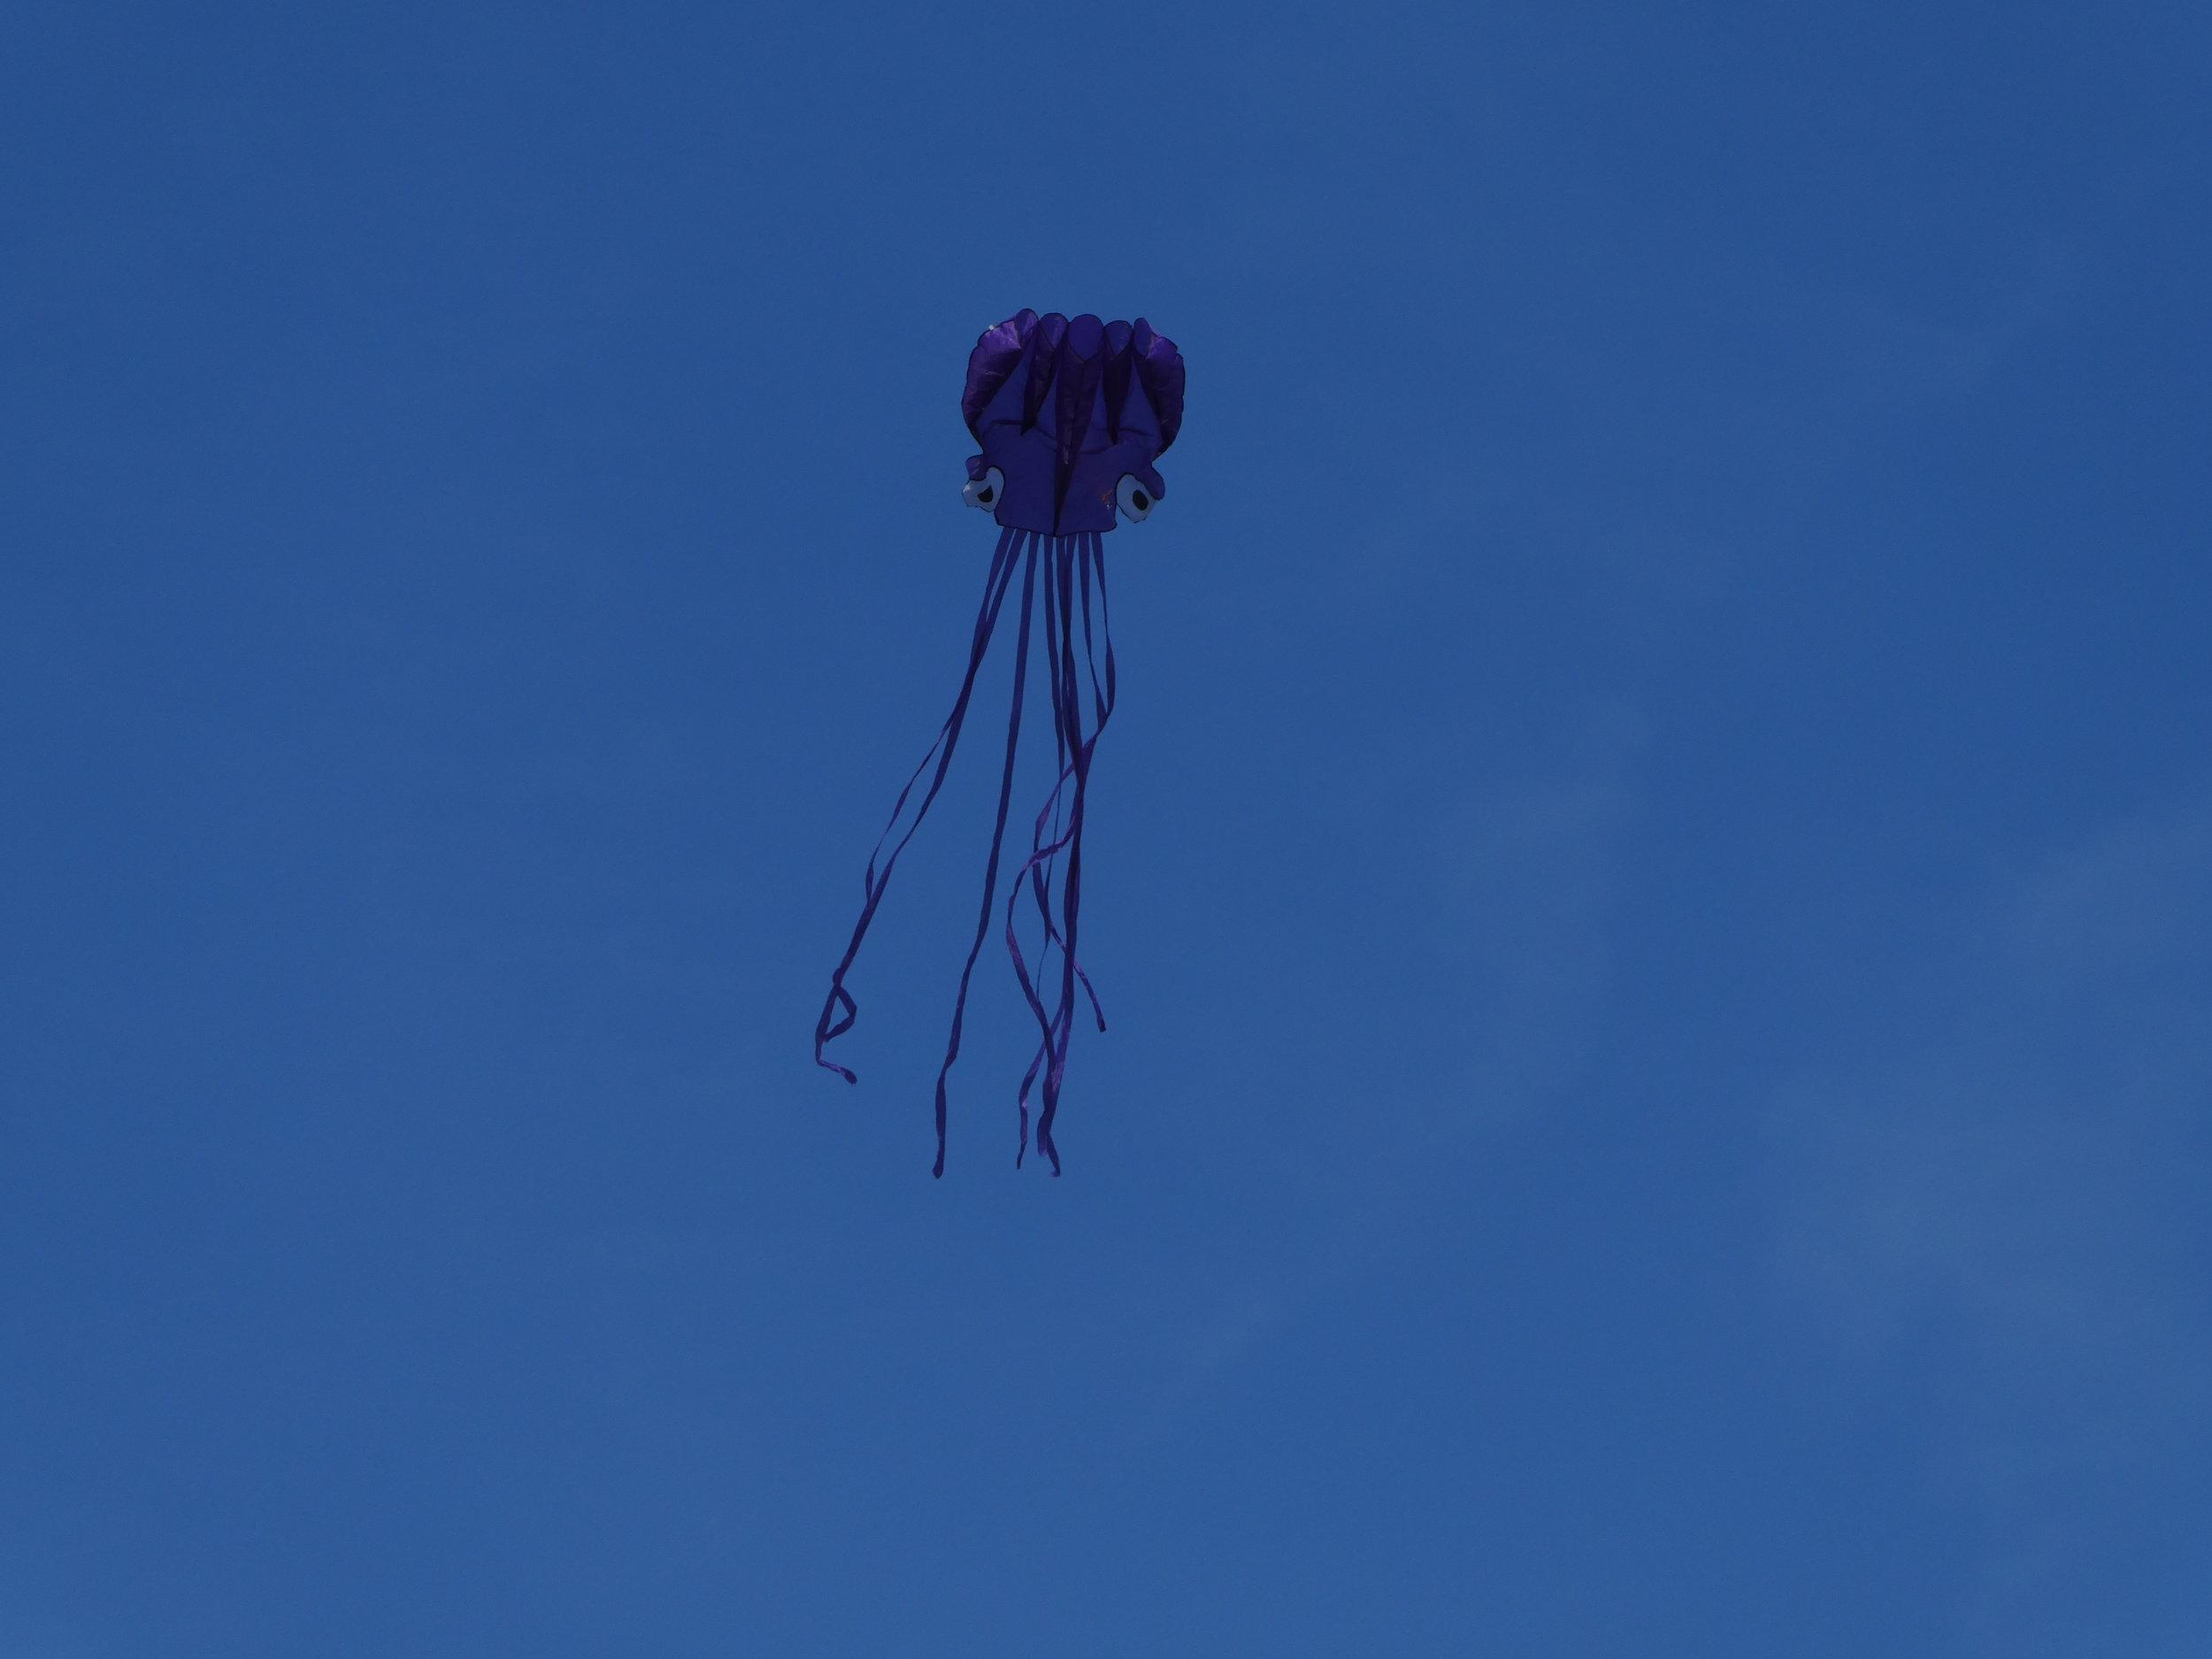 Jeff Warren Public Lab flies a kite.